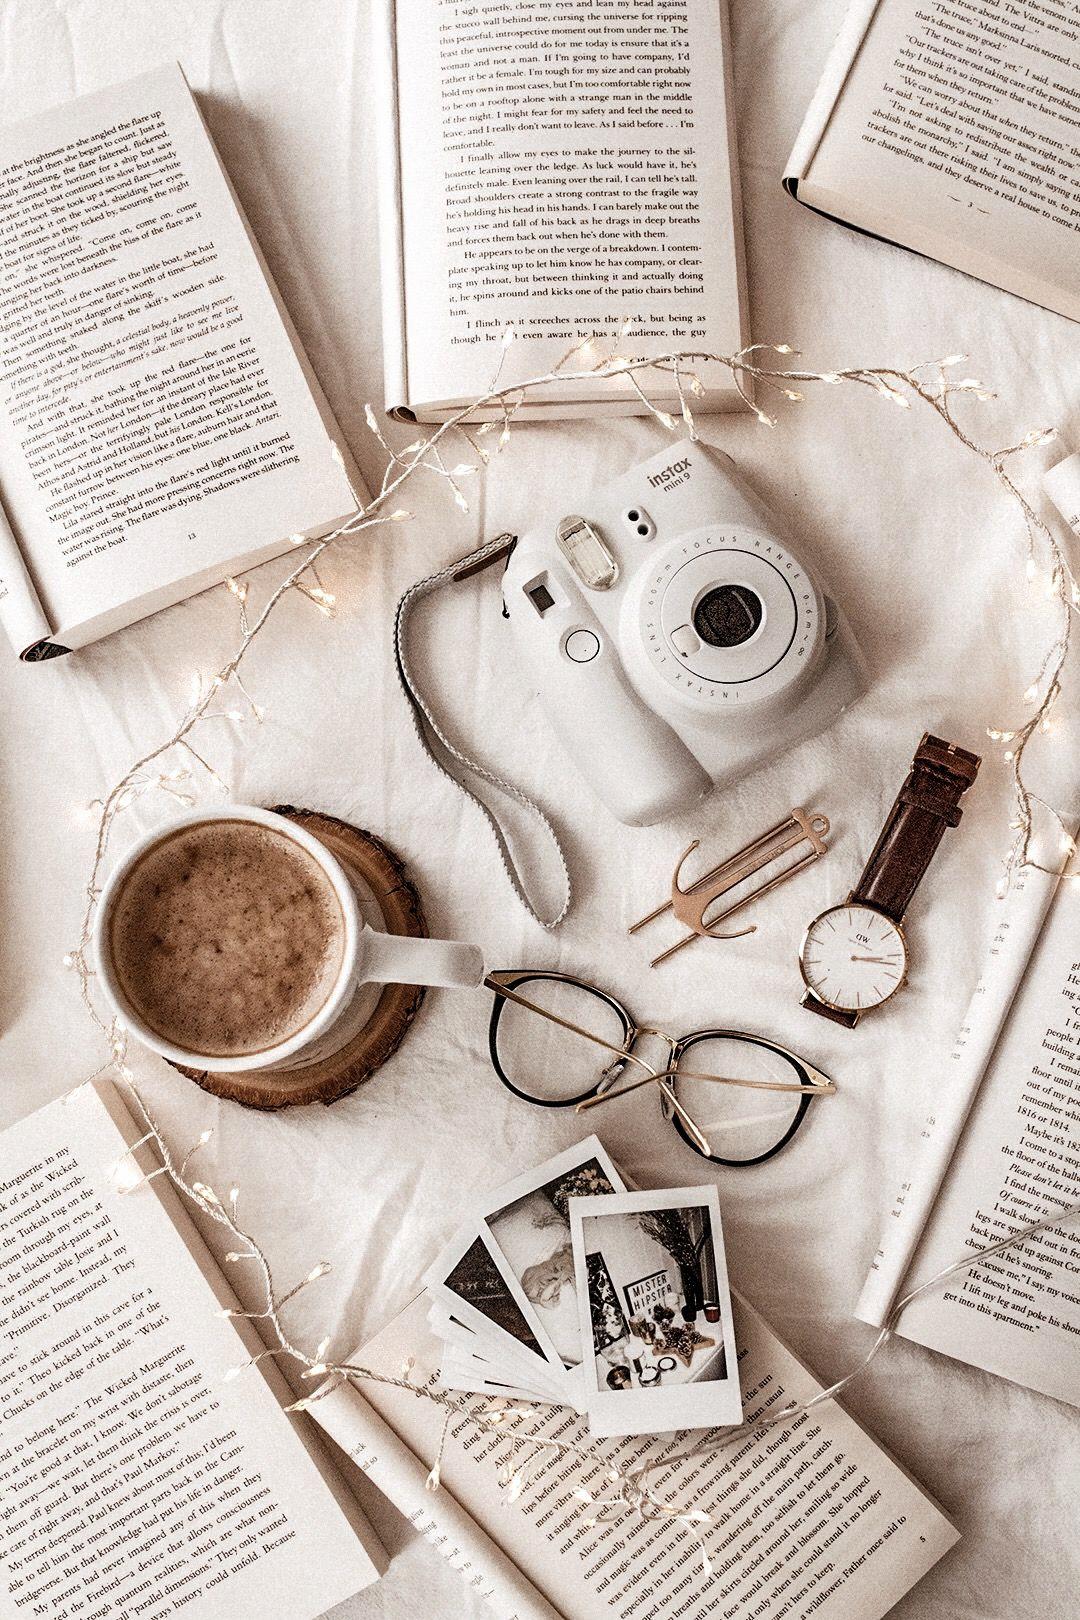 La Reunion Del Asociacion De Trabajo El Software De Instalacion Complicado Cafe Latte In 2020 Book Wallpaper Aesthetic Iphone Wallpaper Aesthetic Pastel Wallpaper